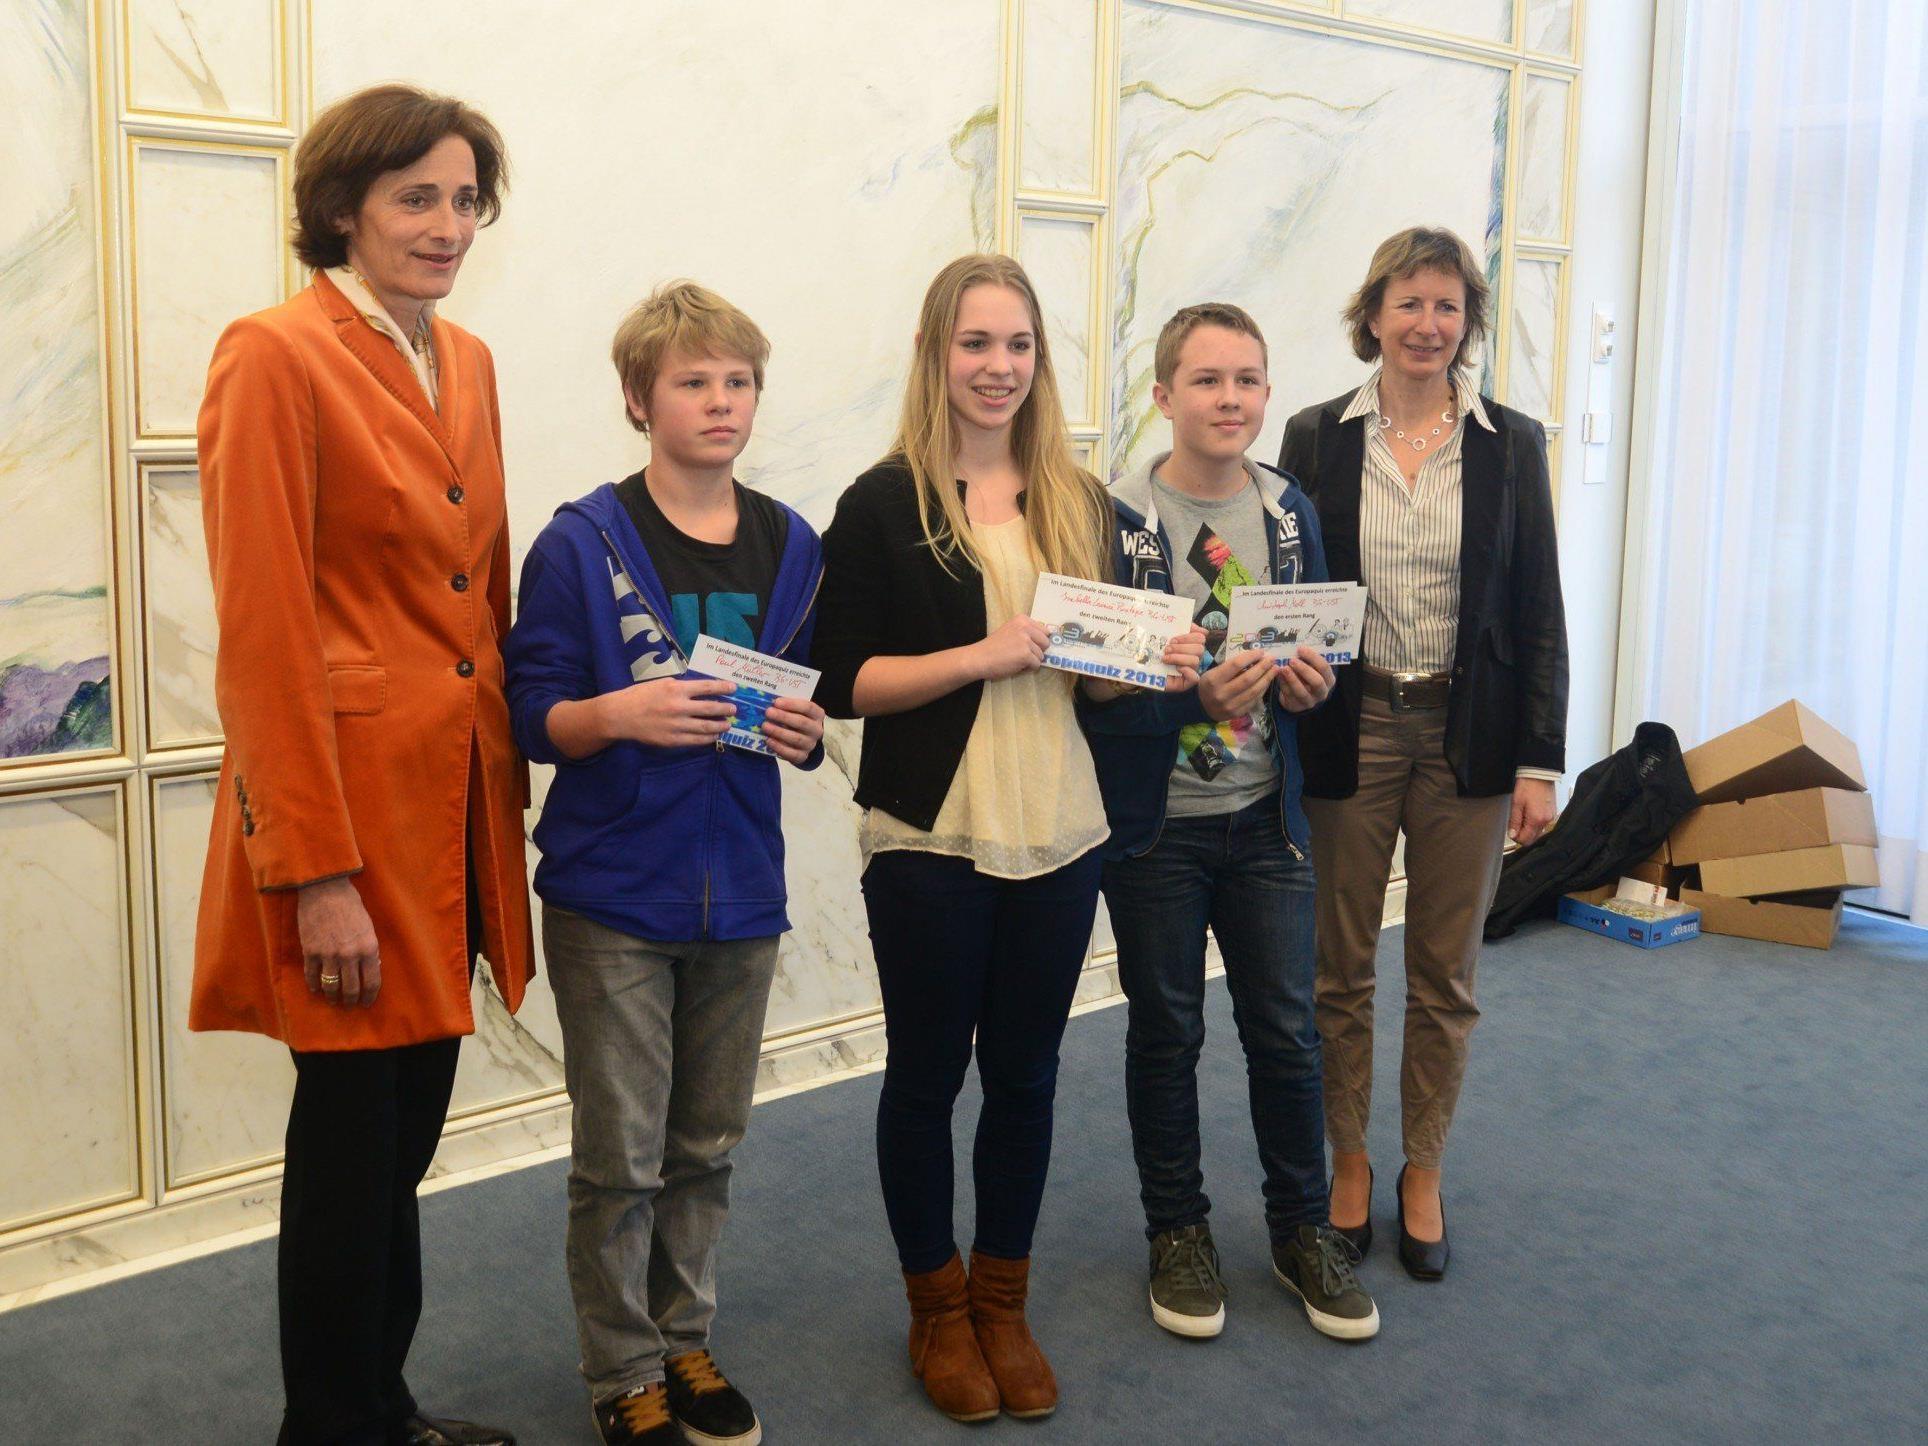 LR Mennel und LTP Nußbaumer mit einigen der Bestplatzierten des Europa-Quiz.